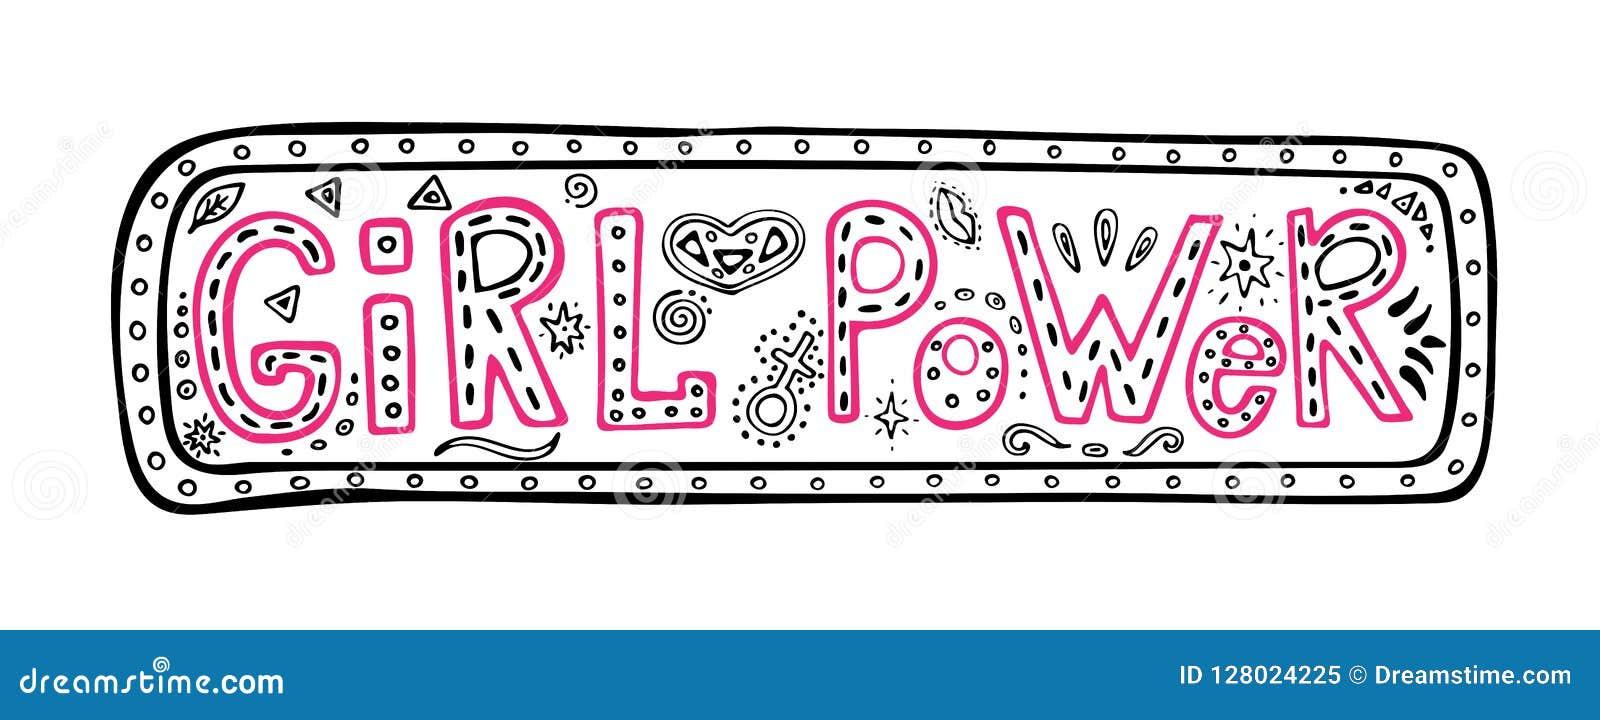 Meisjesmacht de hand-van letters voorziende uitdrukking in het kader, inspirational citaat, kleurde grafische illustratie in krab